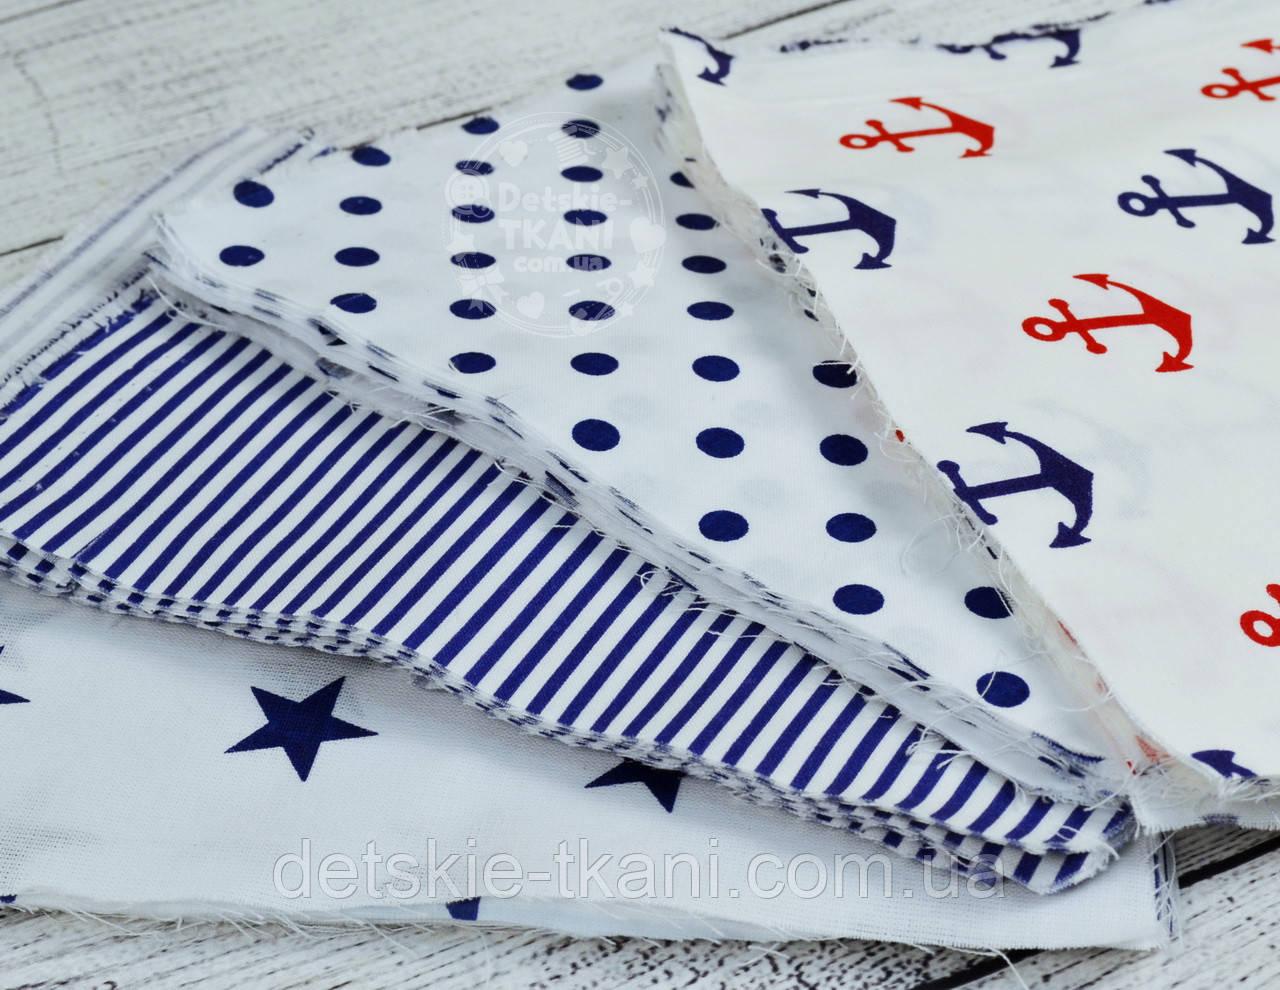 Набор для пэчворка из лоскутов тканей синего цвета, морская тематика №74